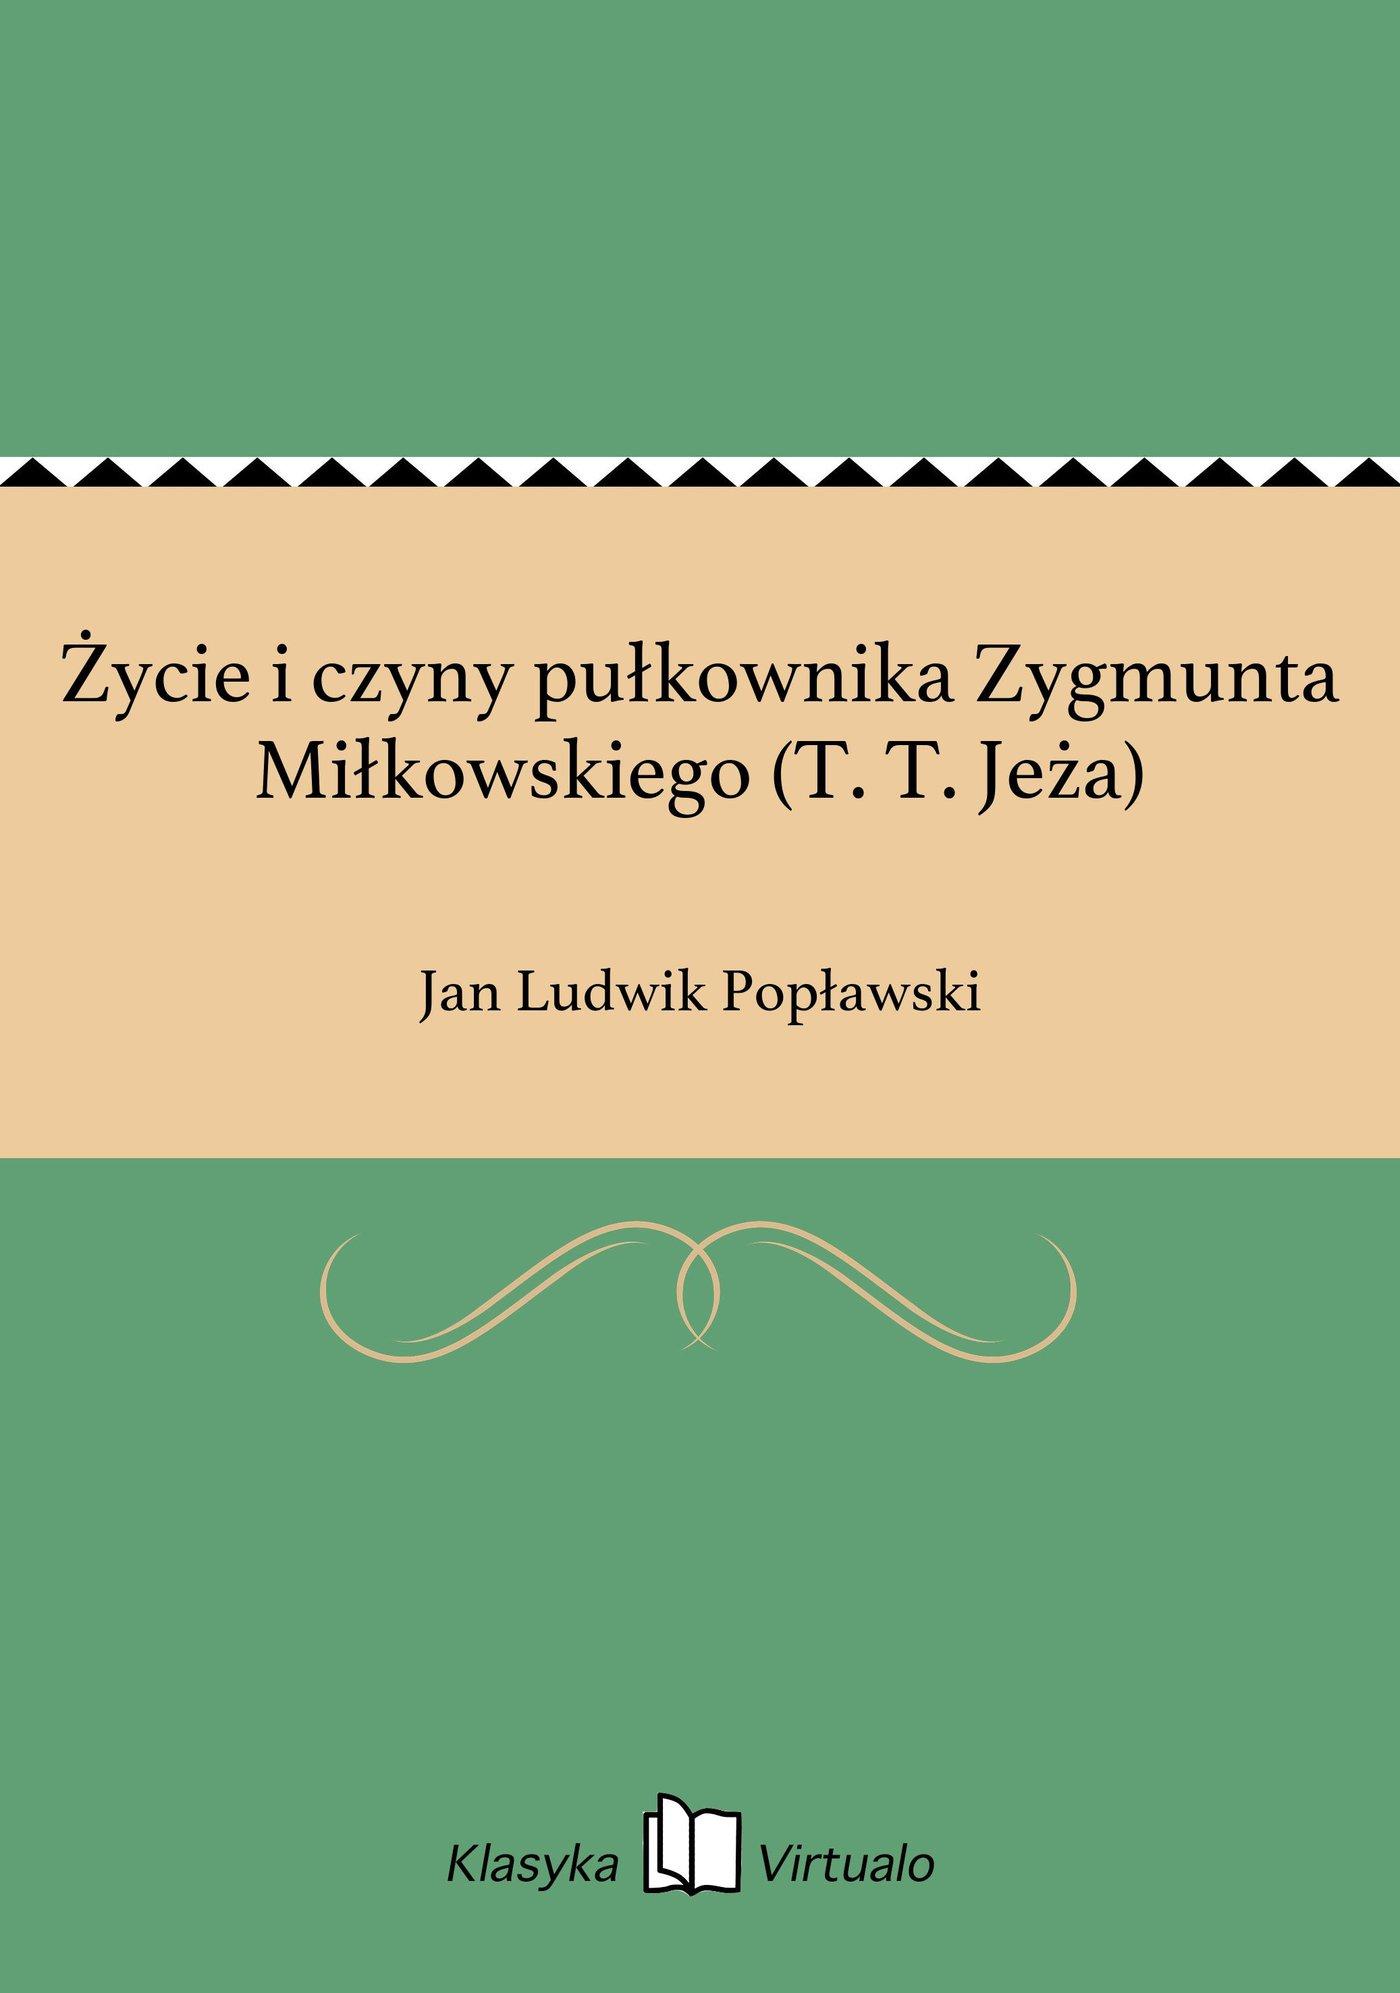 Życie i czyny pułkownika Zygmunta Miłkowskiego (T. T. Jeża) - Ebook (Książka EPUB) do pobrania w formacie EPUB